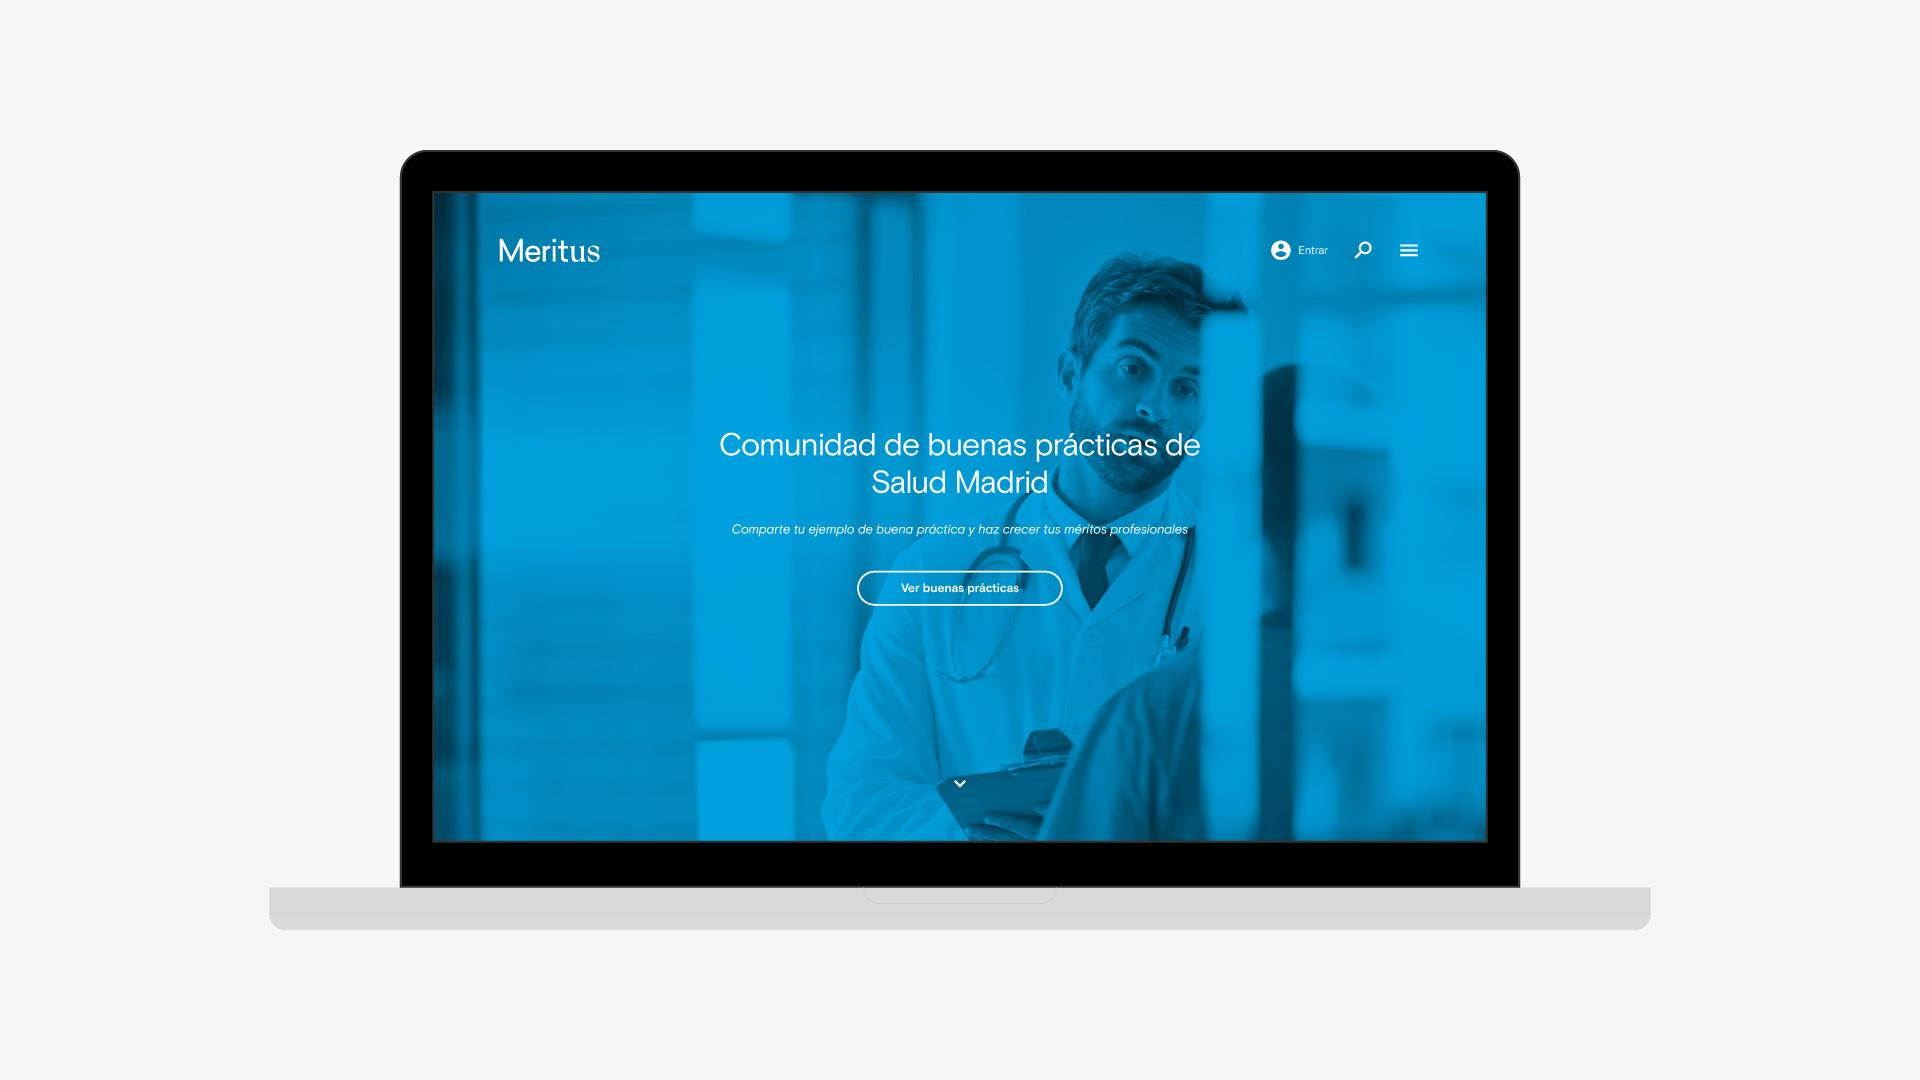 MeritUs marca web buenas prácticas